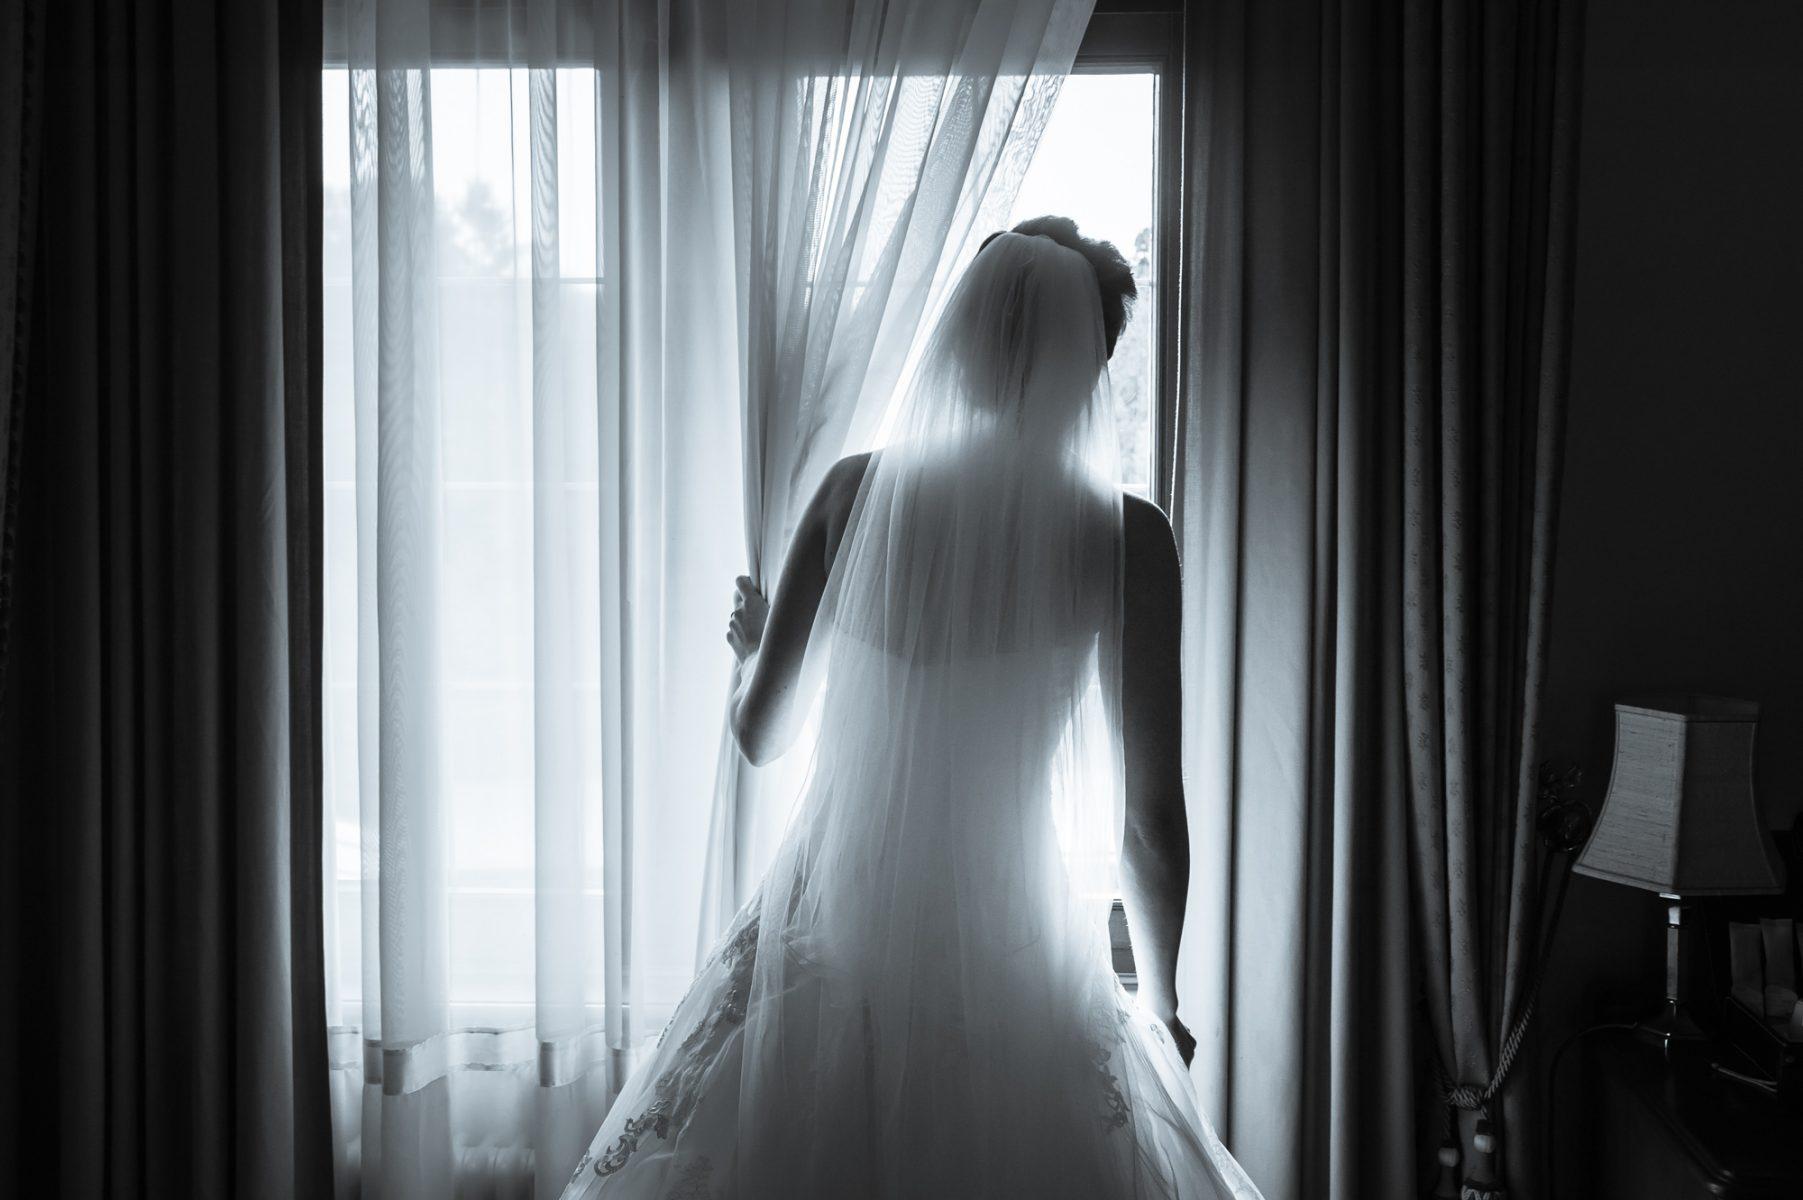 Hochzeiten B2000 229459 1803x1200 - DAVOR